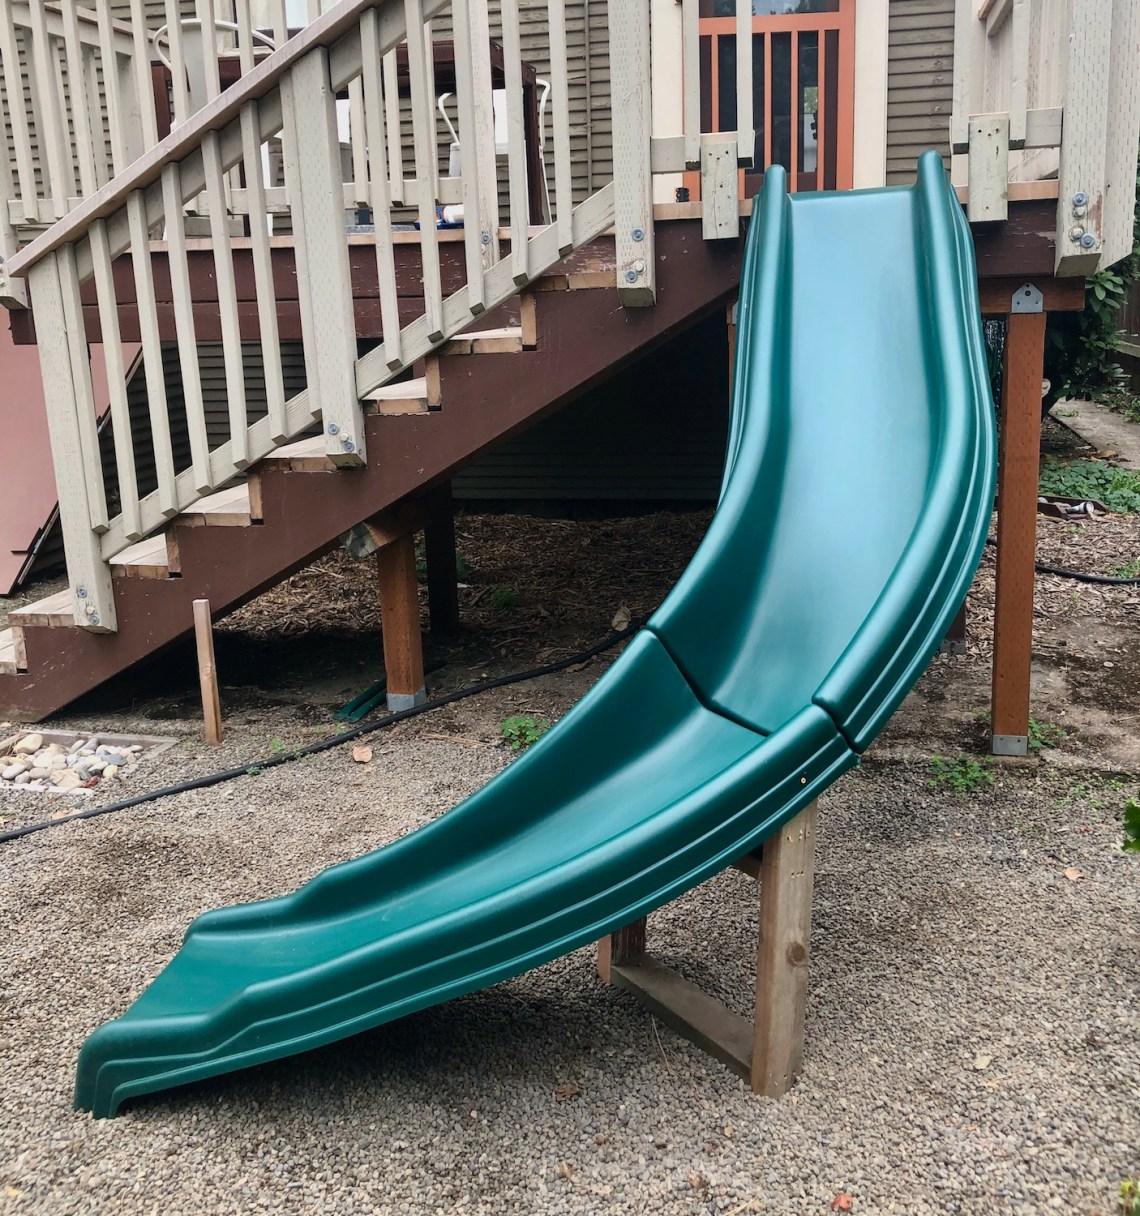 Slide off a deck AFTER